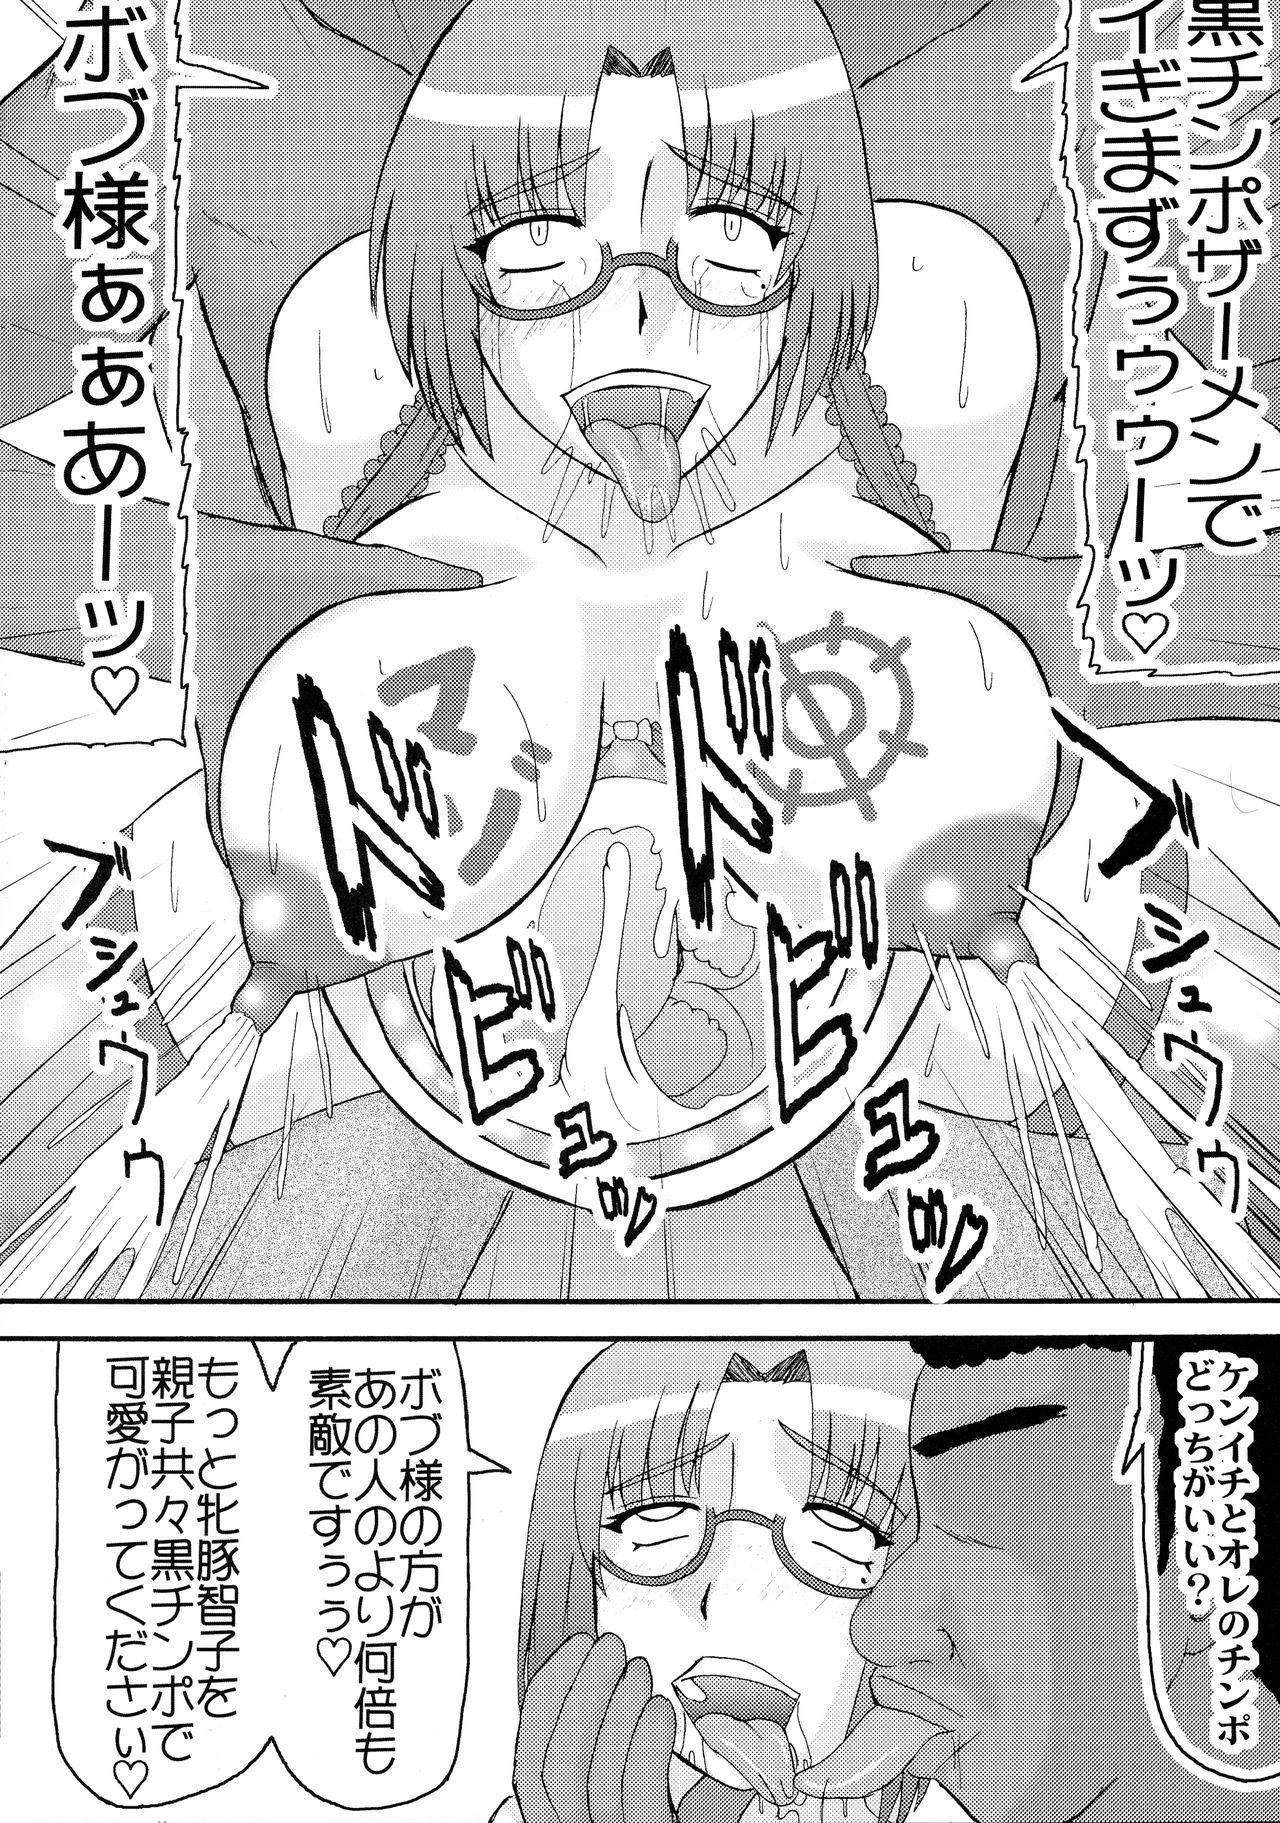 Daraku Ninpu Tsuma 3 15